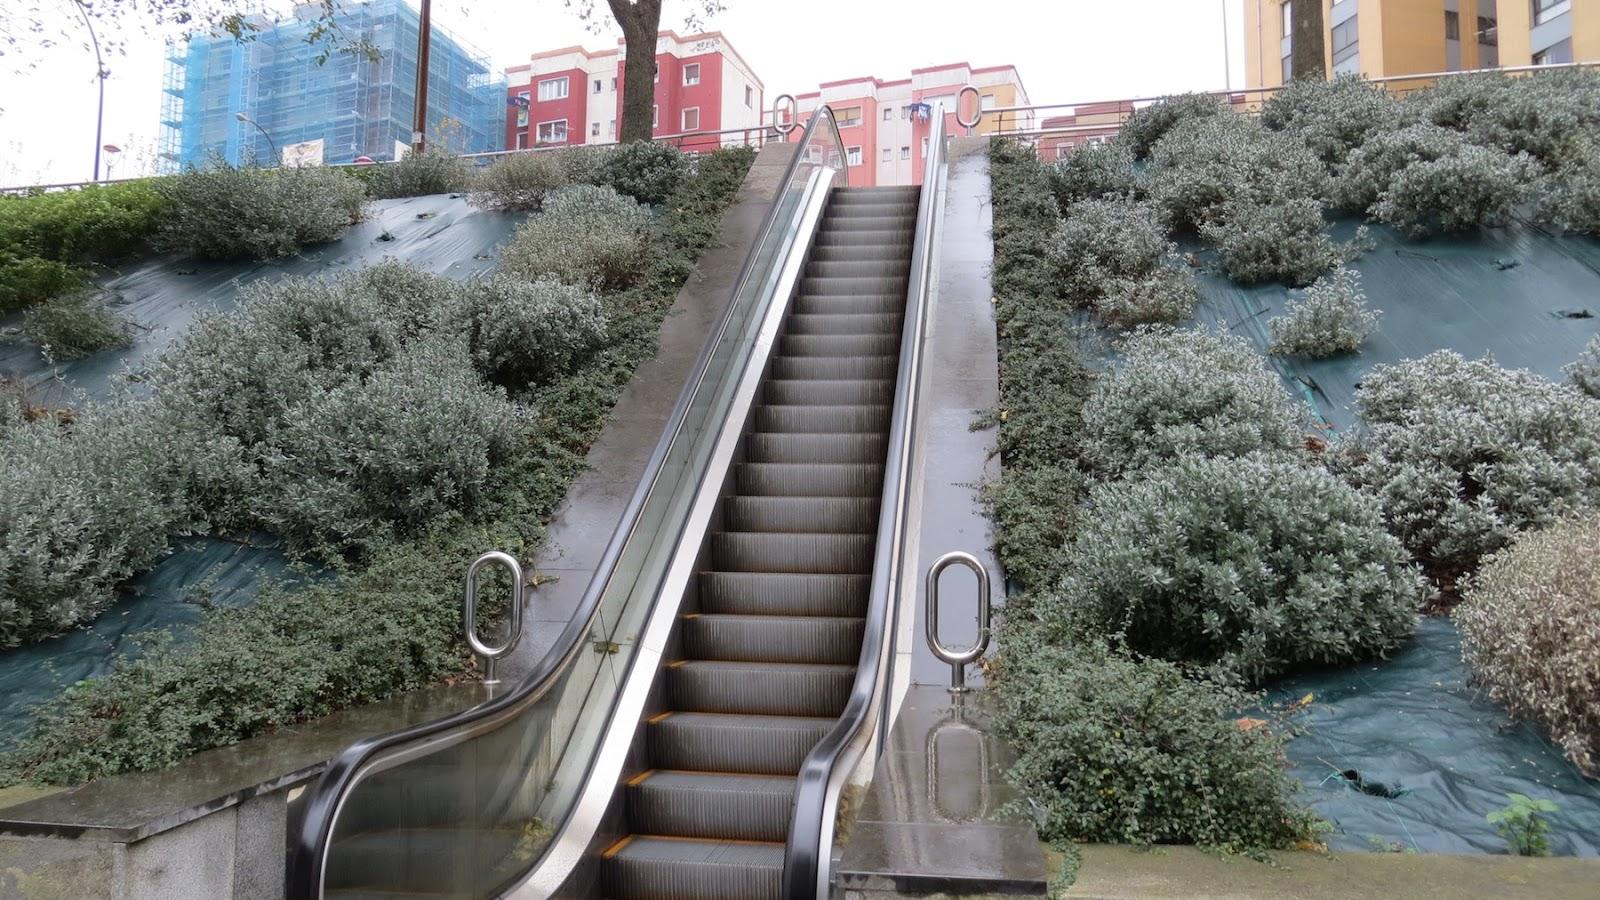 Escaleras mecánicas de La Inmaculada